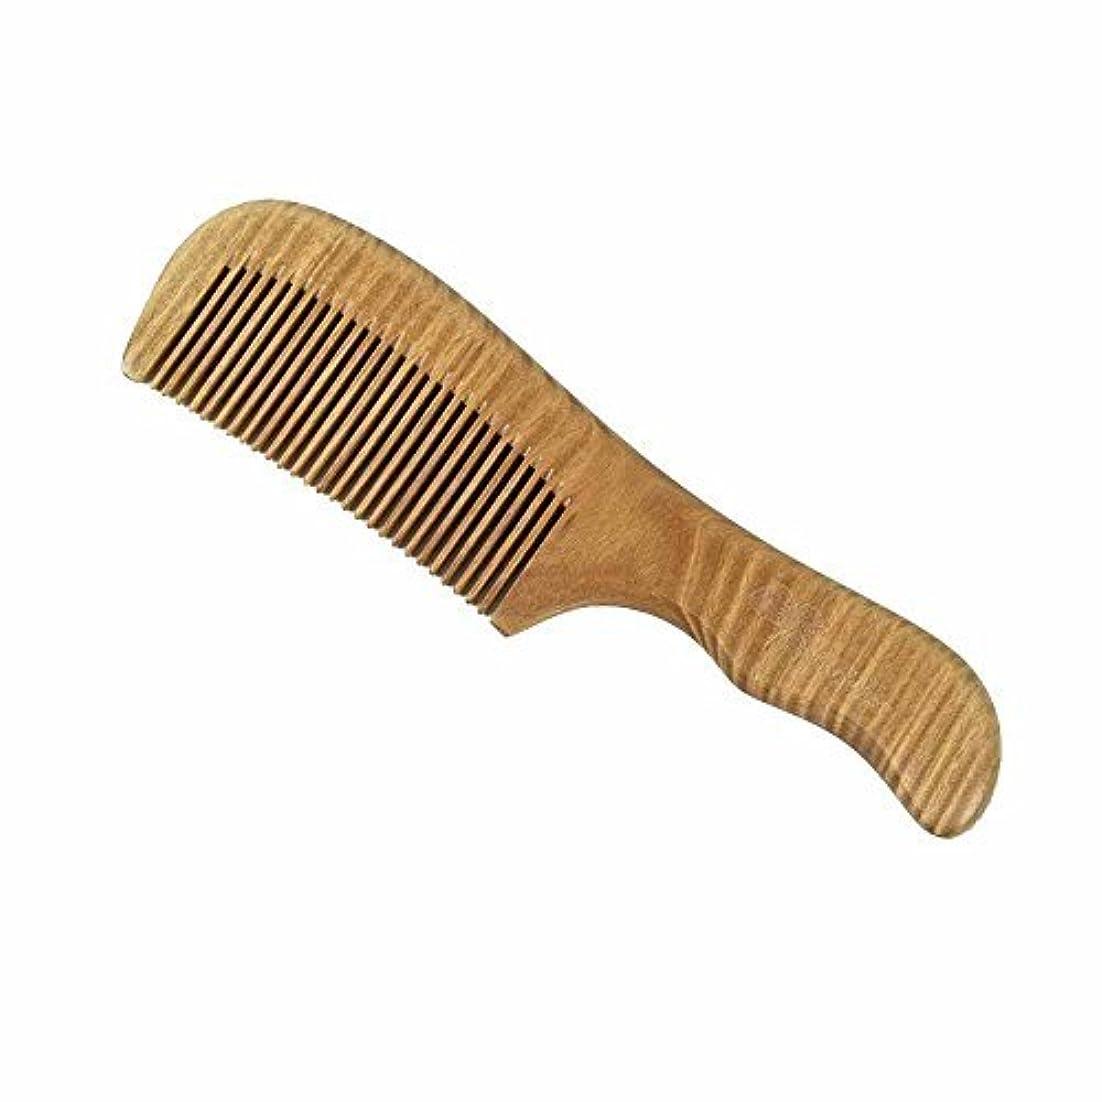 のどモディッシュ数学的なWooden Hair Brush, by GoWoo, Fine Tooth, Detangling, Natural and Handmade, for Men and Women, From Earth to Earth...